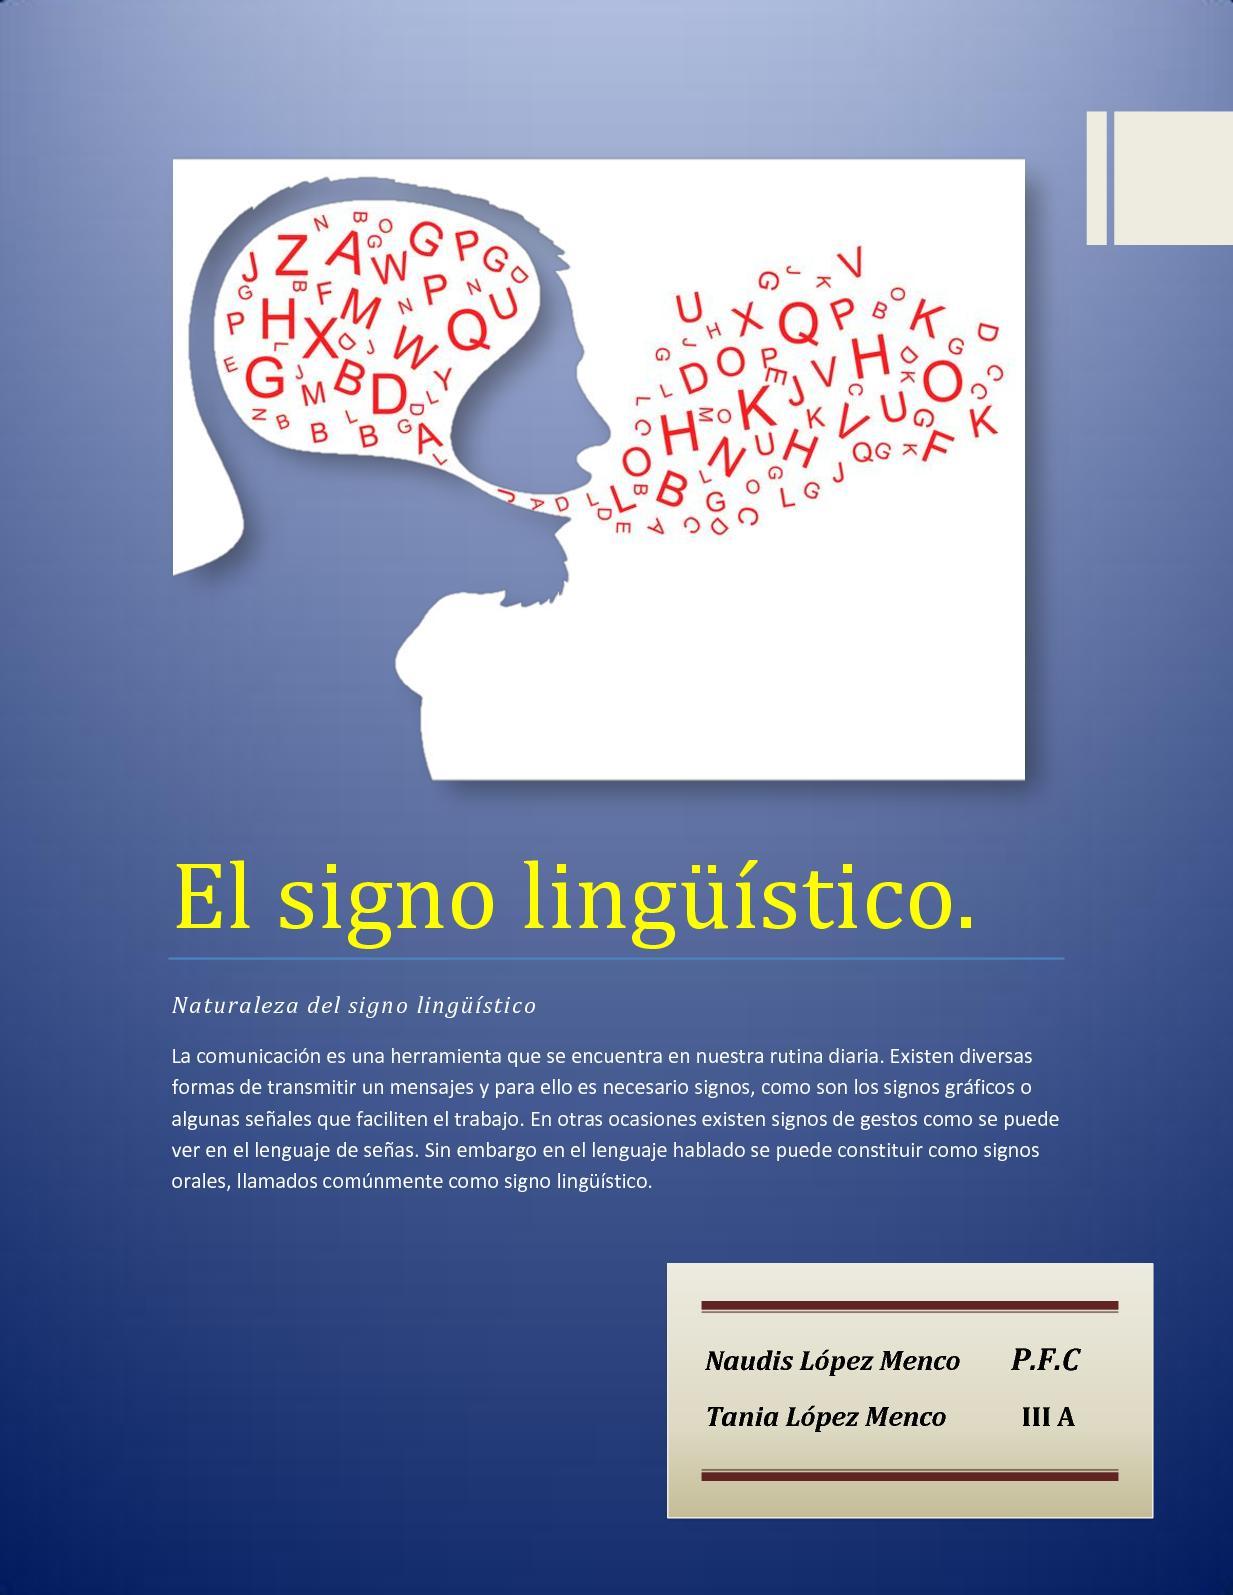 El Signo Lingüístico (Tania Y Naudis López) 1